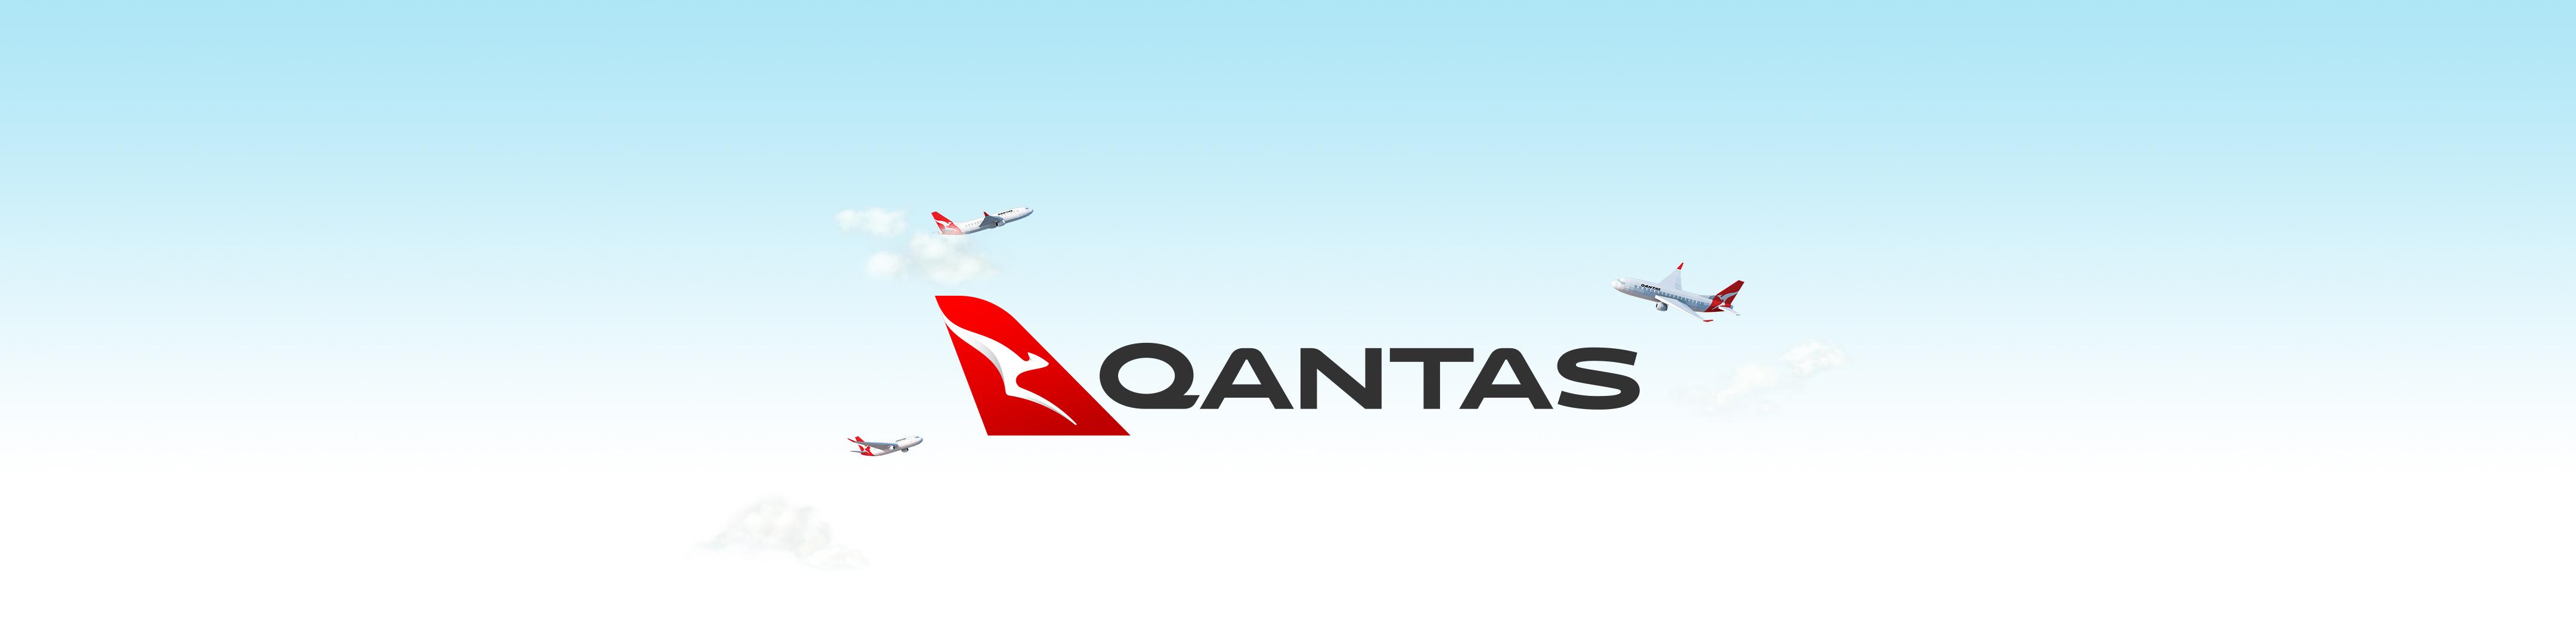 Qantas Airways - Revenue & Download estimates - Apple App